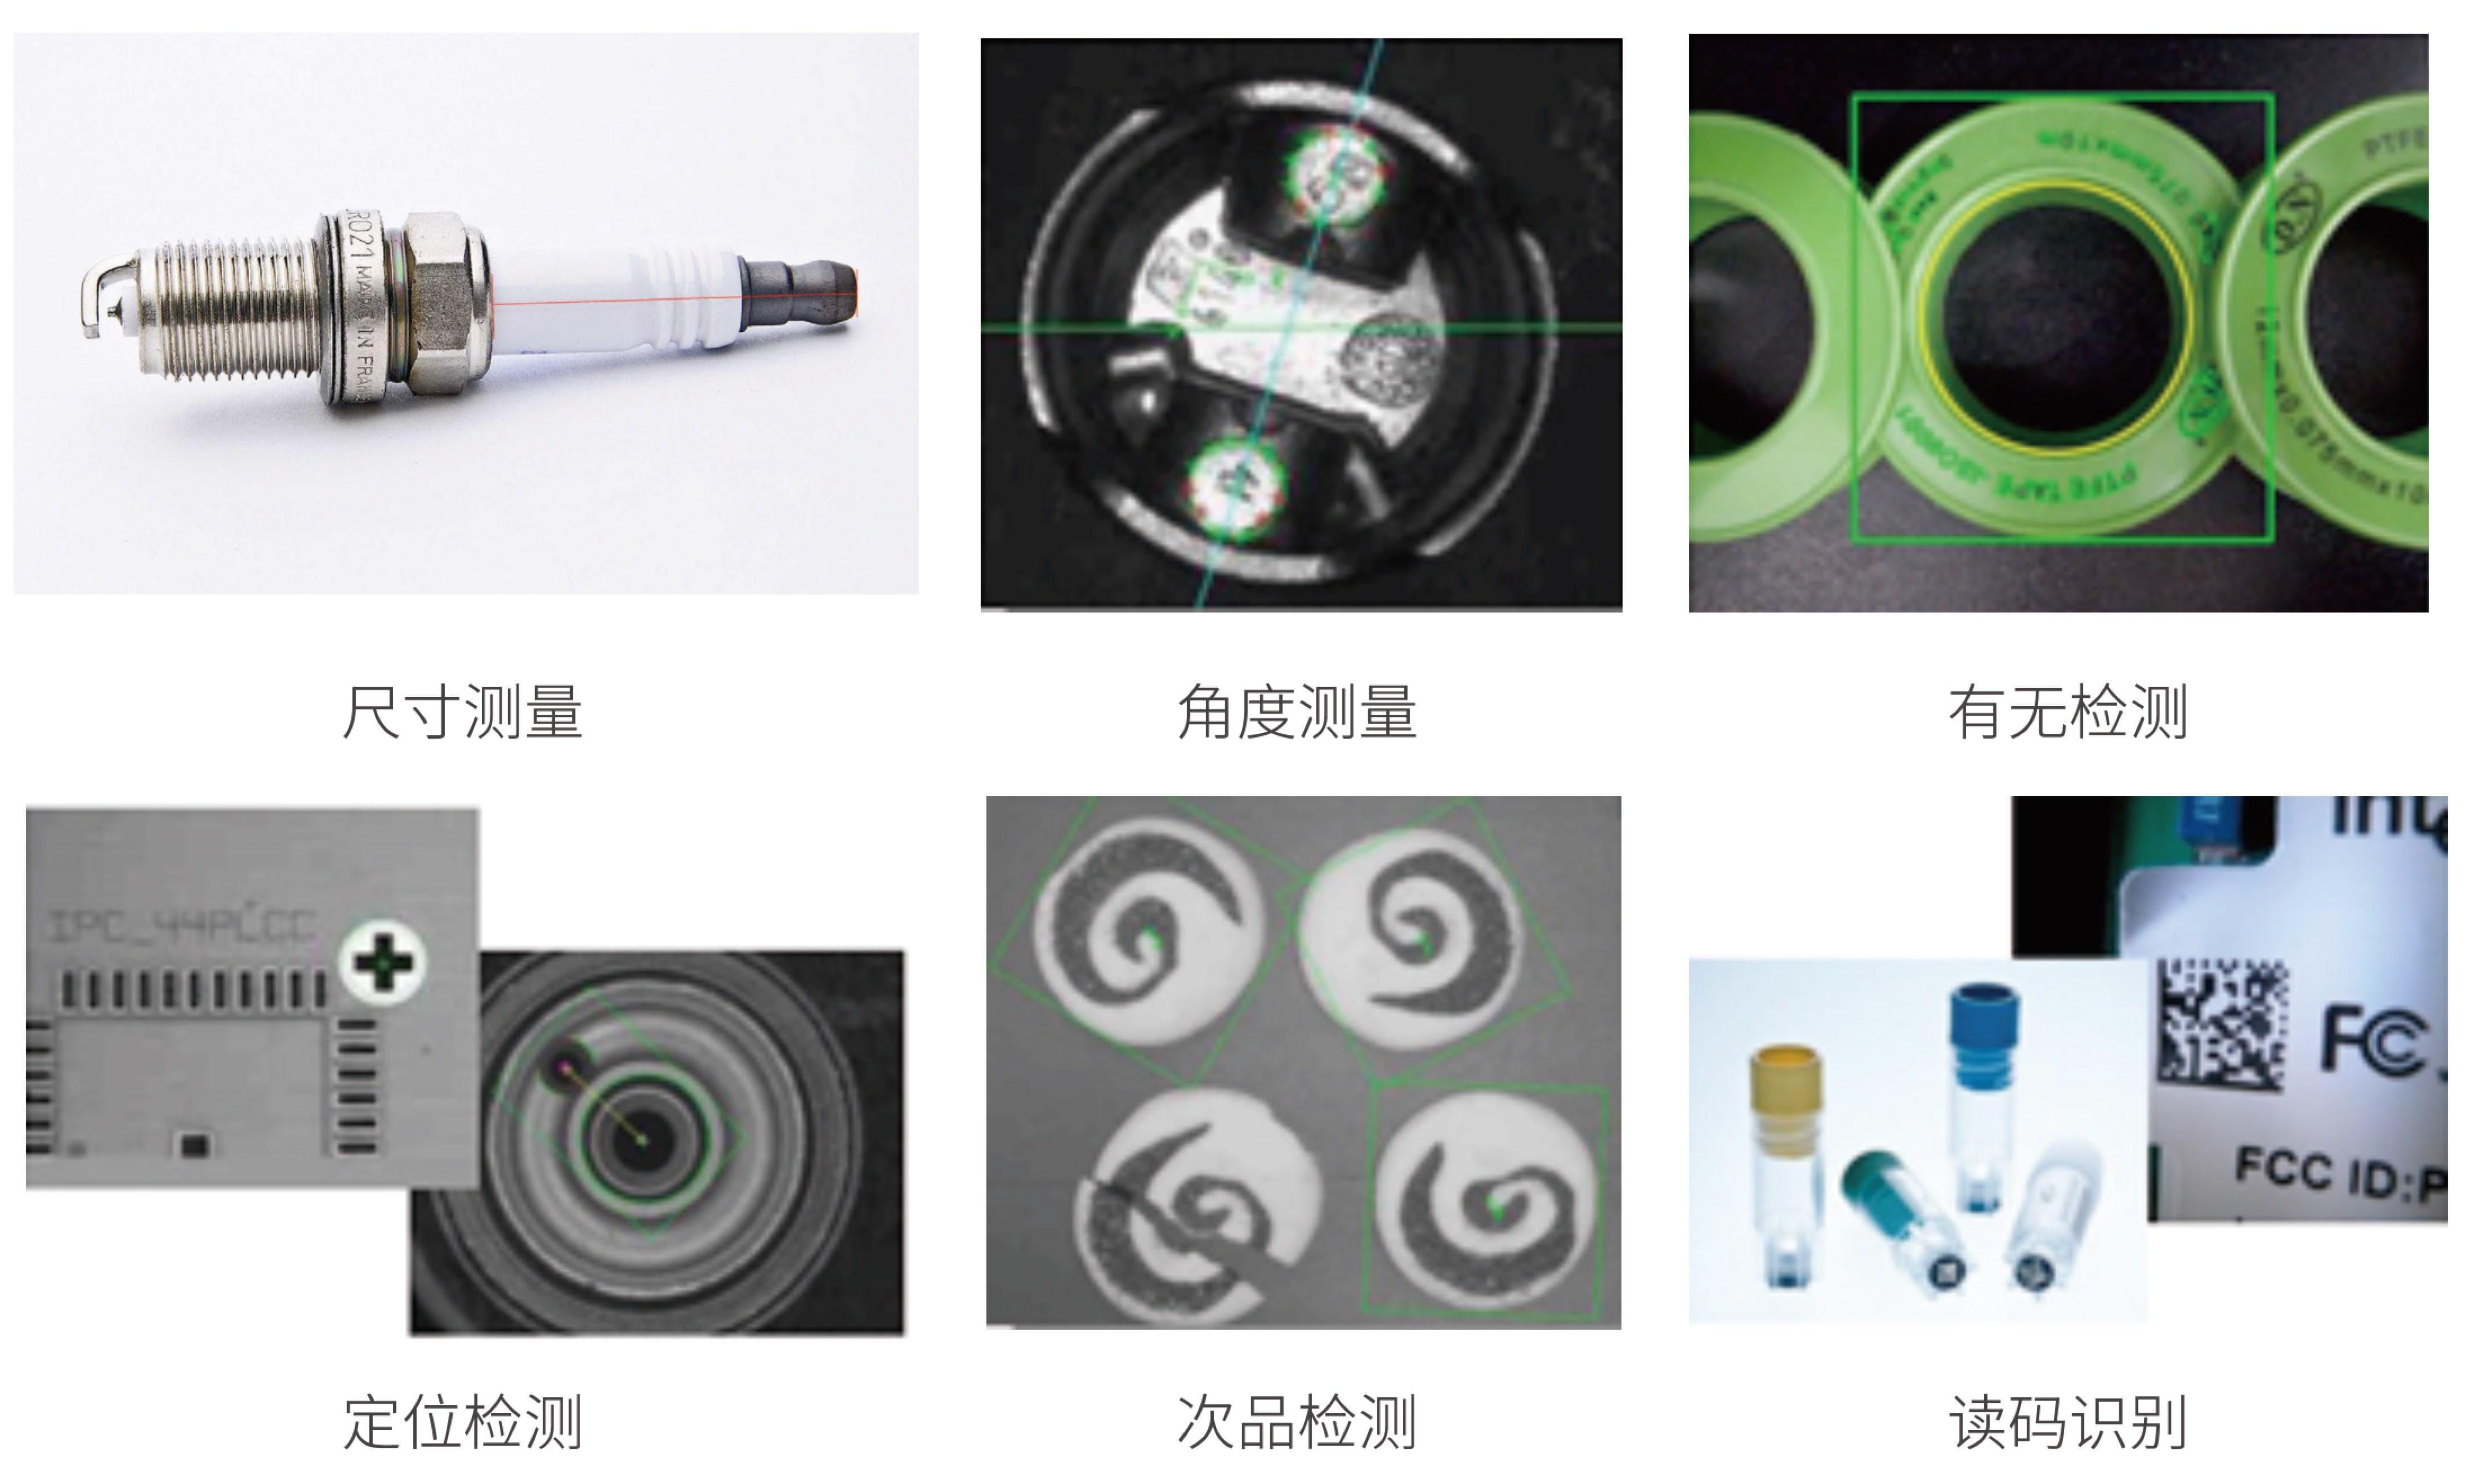 工業視覺檢測1.jpg